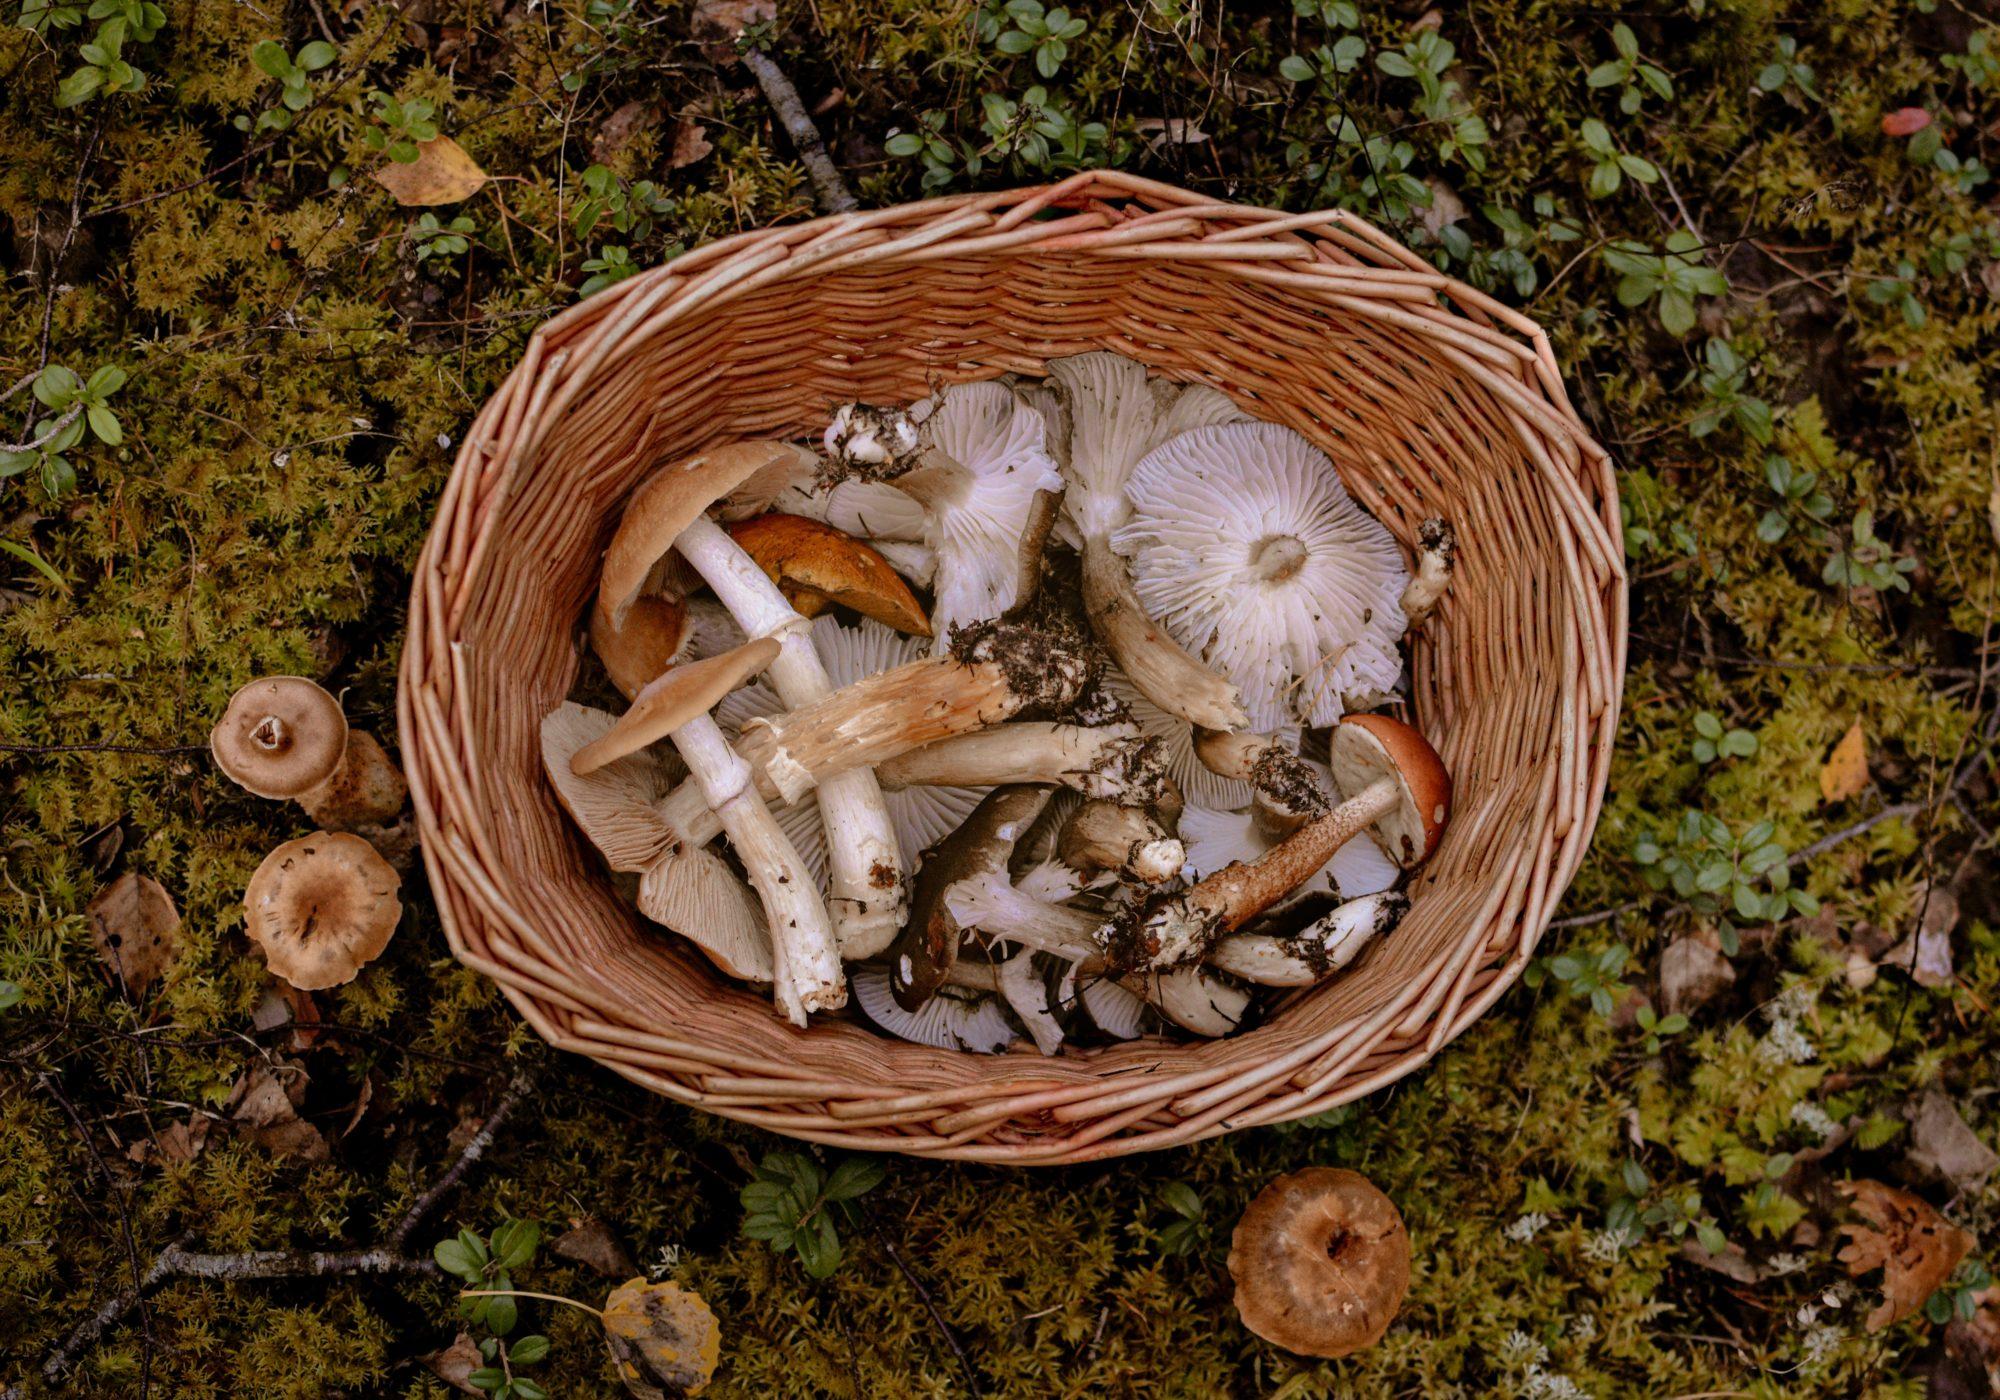 Hongos silvestres comestibles: un viaje a las profundidades del bosque y la cocina de recolección